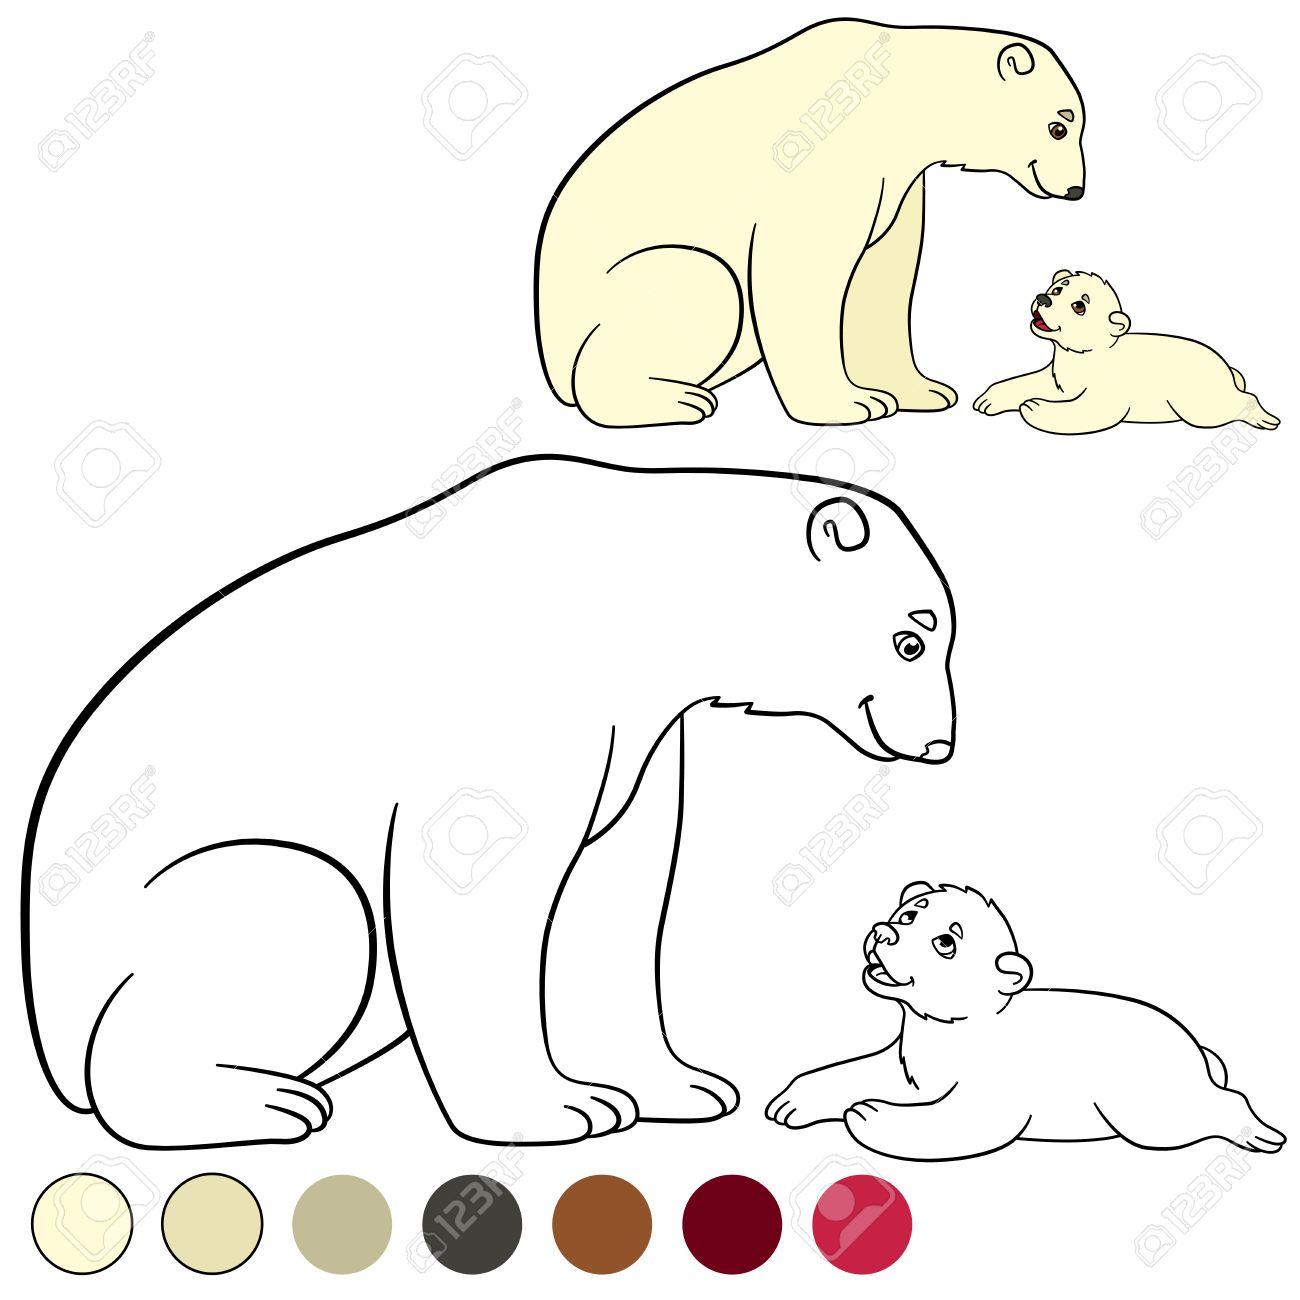 Dibujo Para Colorear. Madre Del Oso Polar Con Su Pequeño Bebé Lindo ...